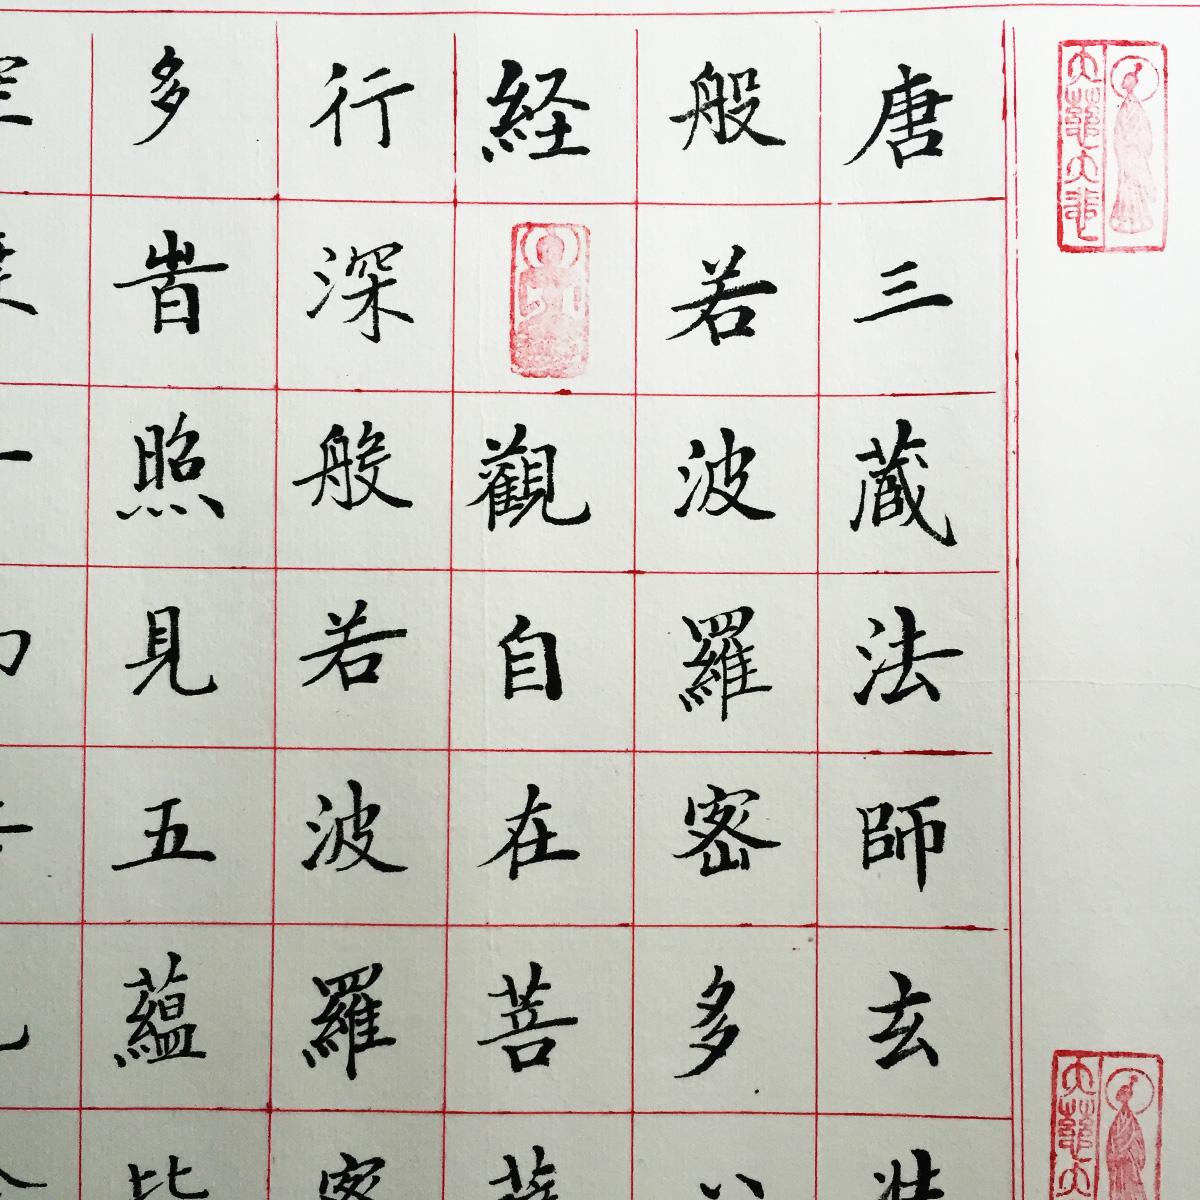 书法名家冯雪林作品 《心经》《般若波罗蜜多心经》 楷书长卷